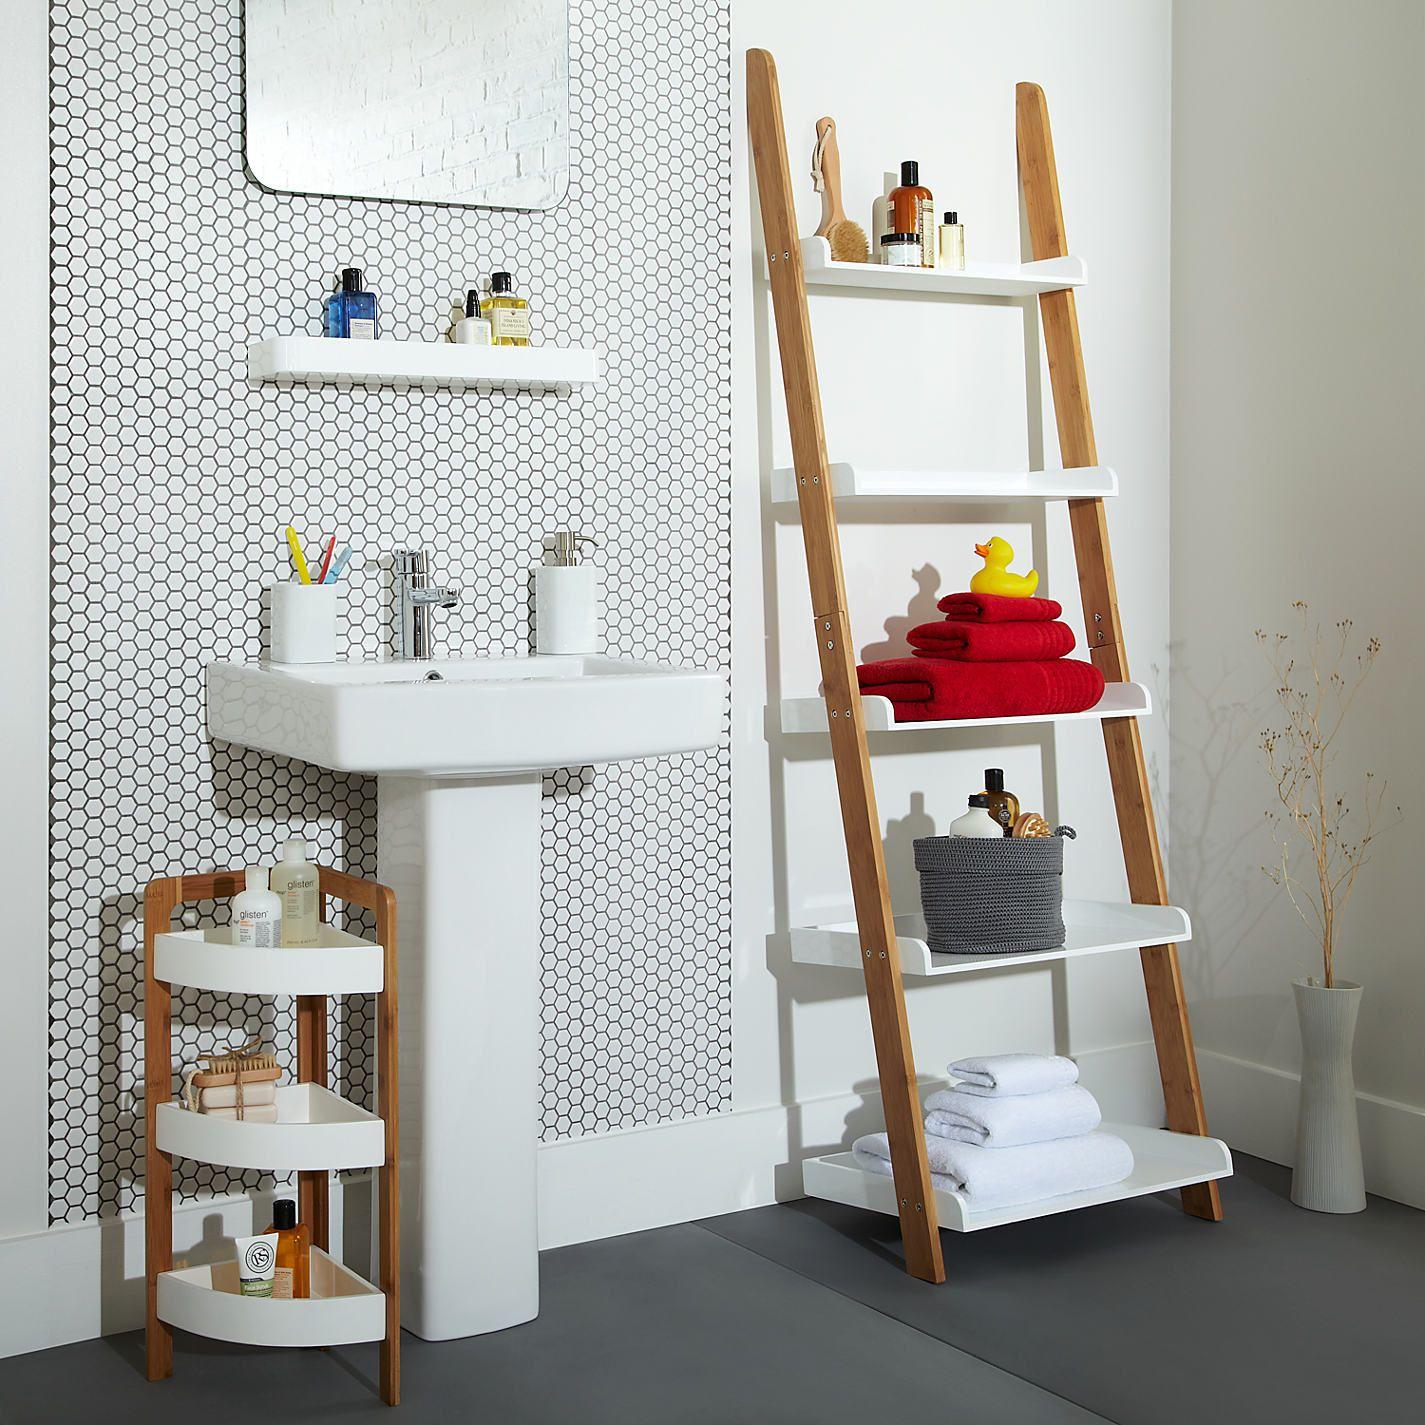 Fresco Of Cottage Bathroom Look? Add This Bathroom Ladder Shelf